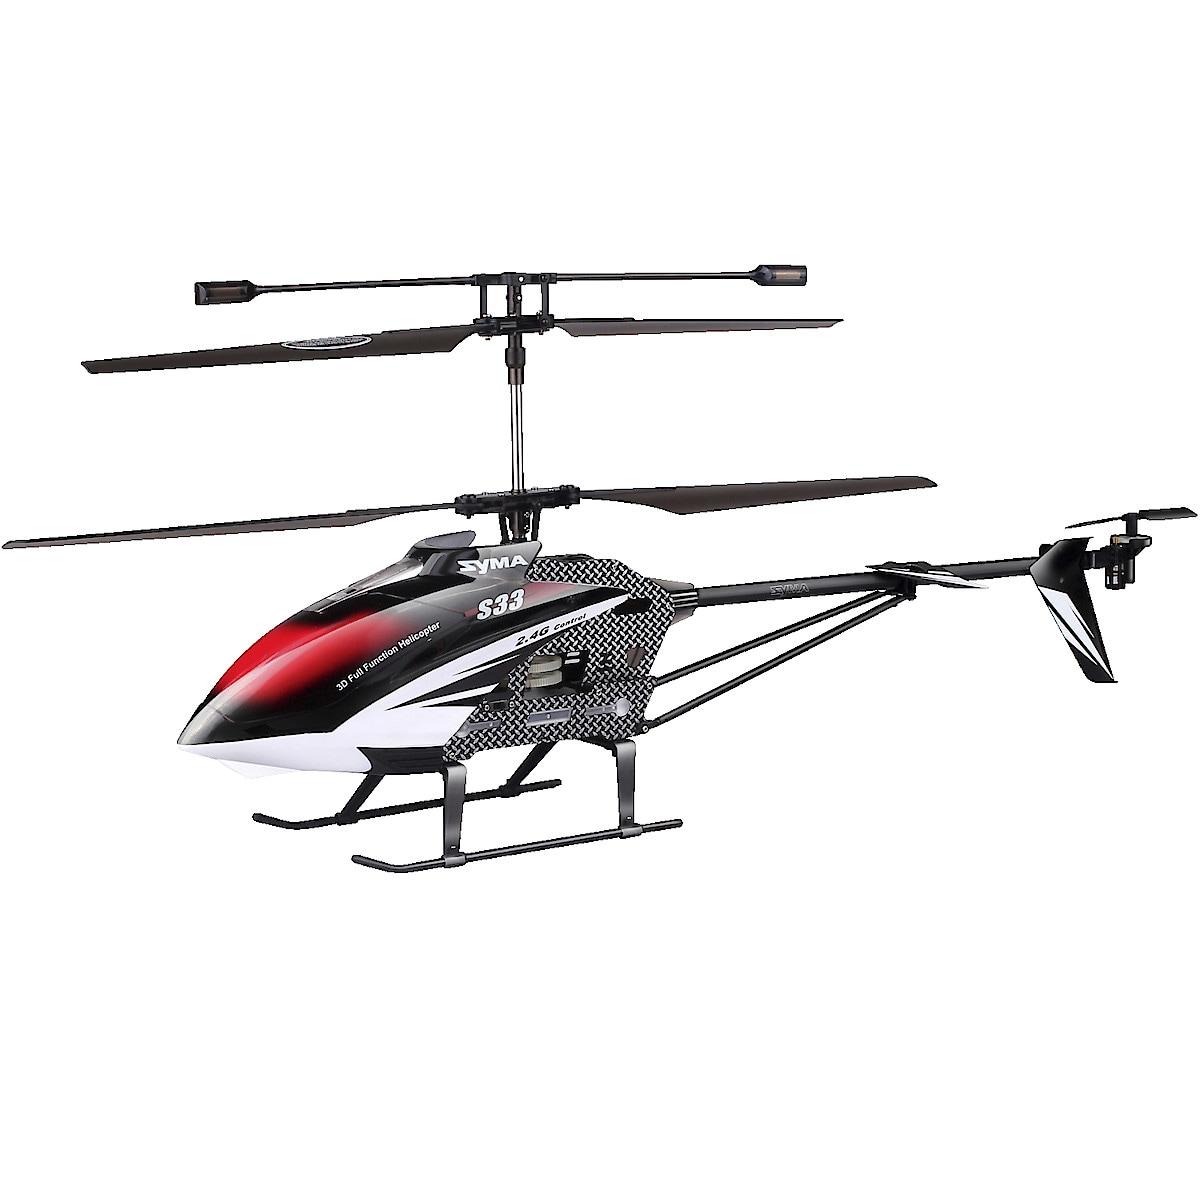 Ferngesteuerter Hubschrauber Syma S33 2,4 GHz